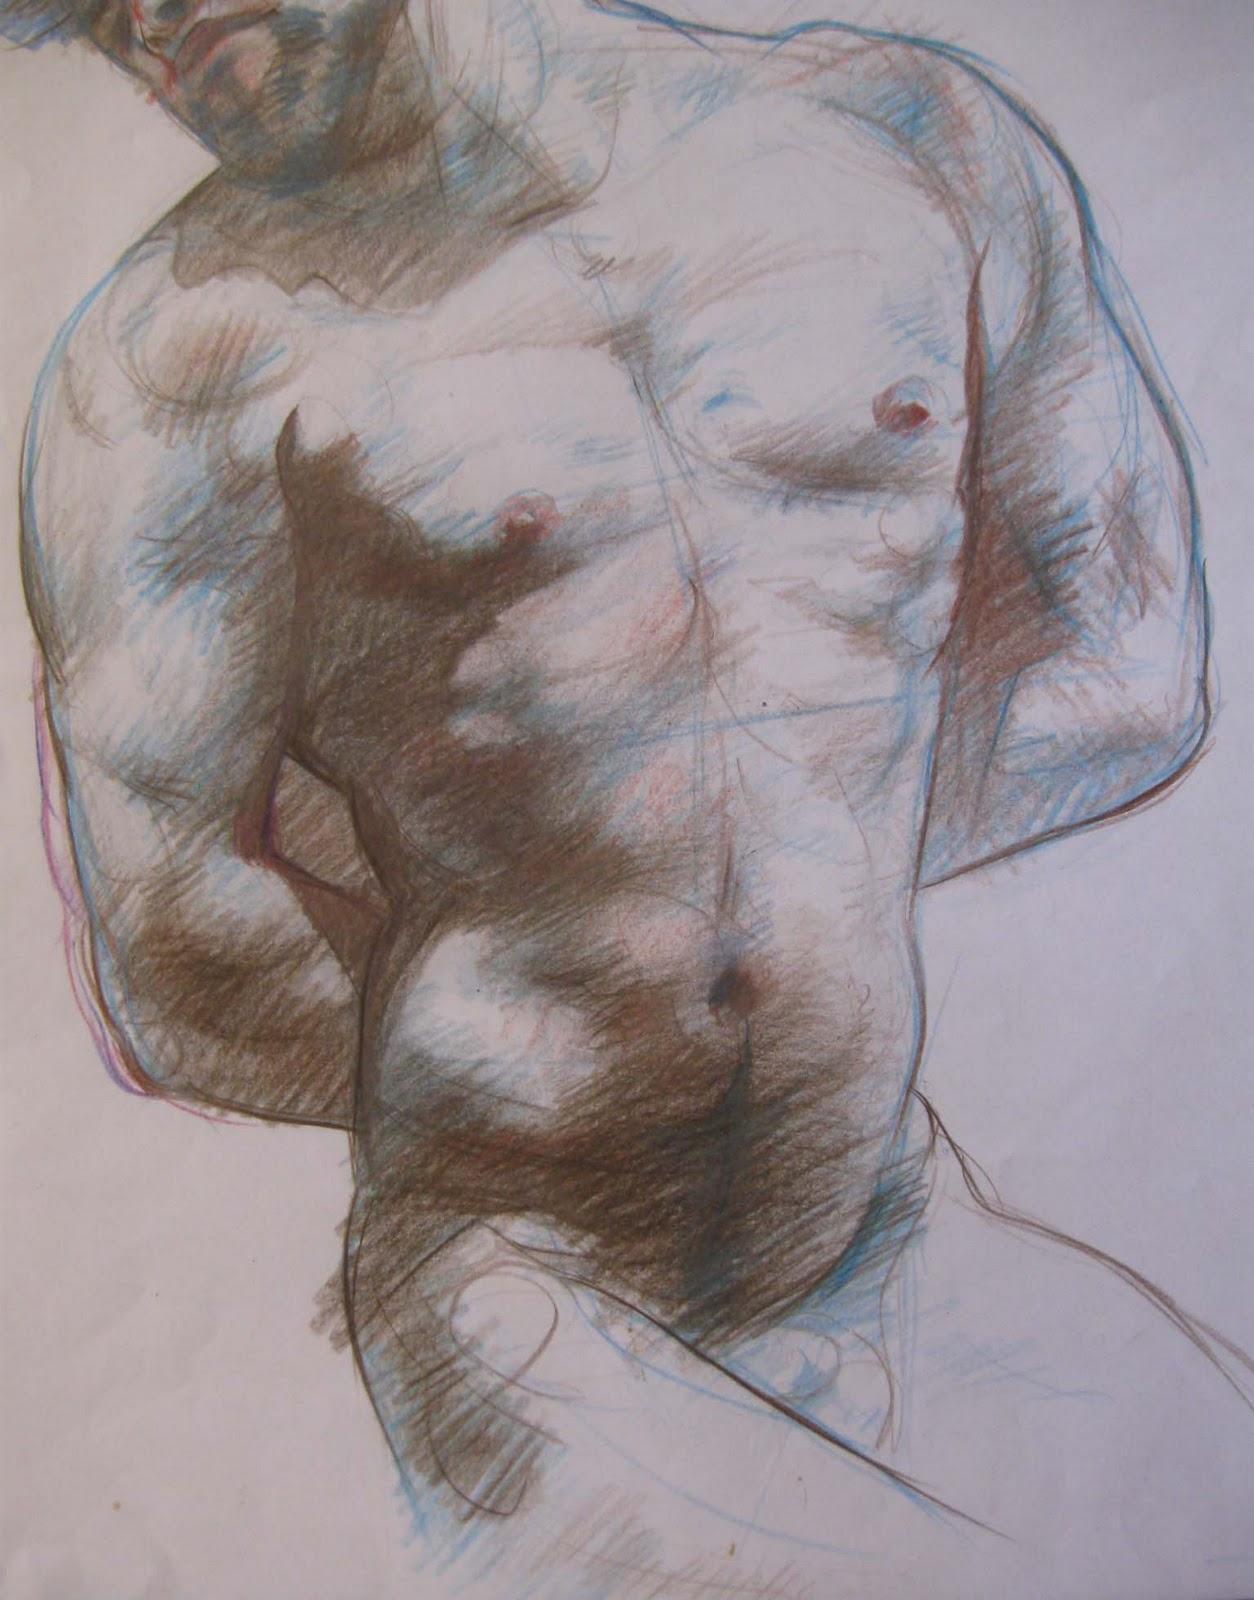 Fotografia desnudos masculinos artisticos desnudos - Fotografia desnudo masculino ...